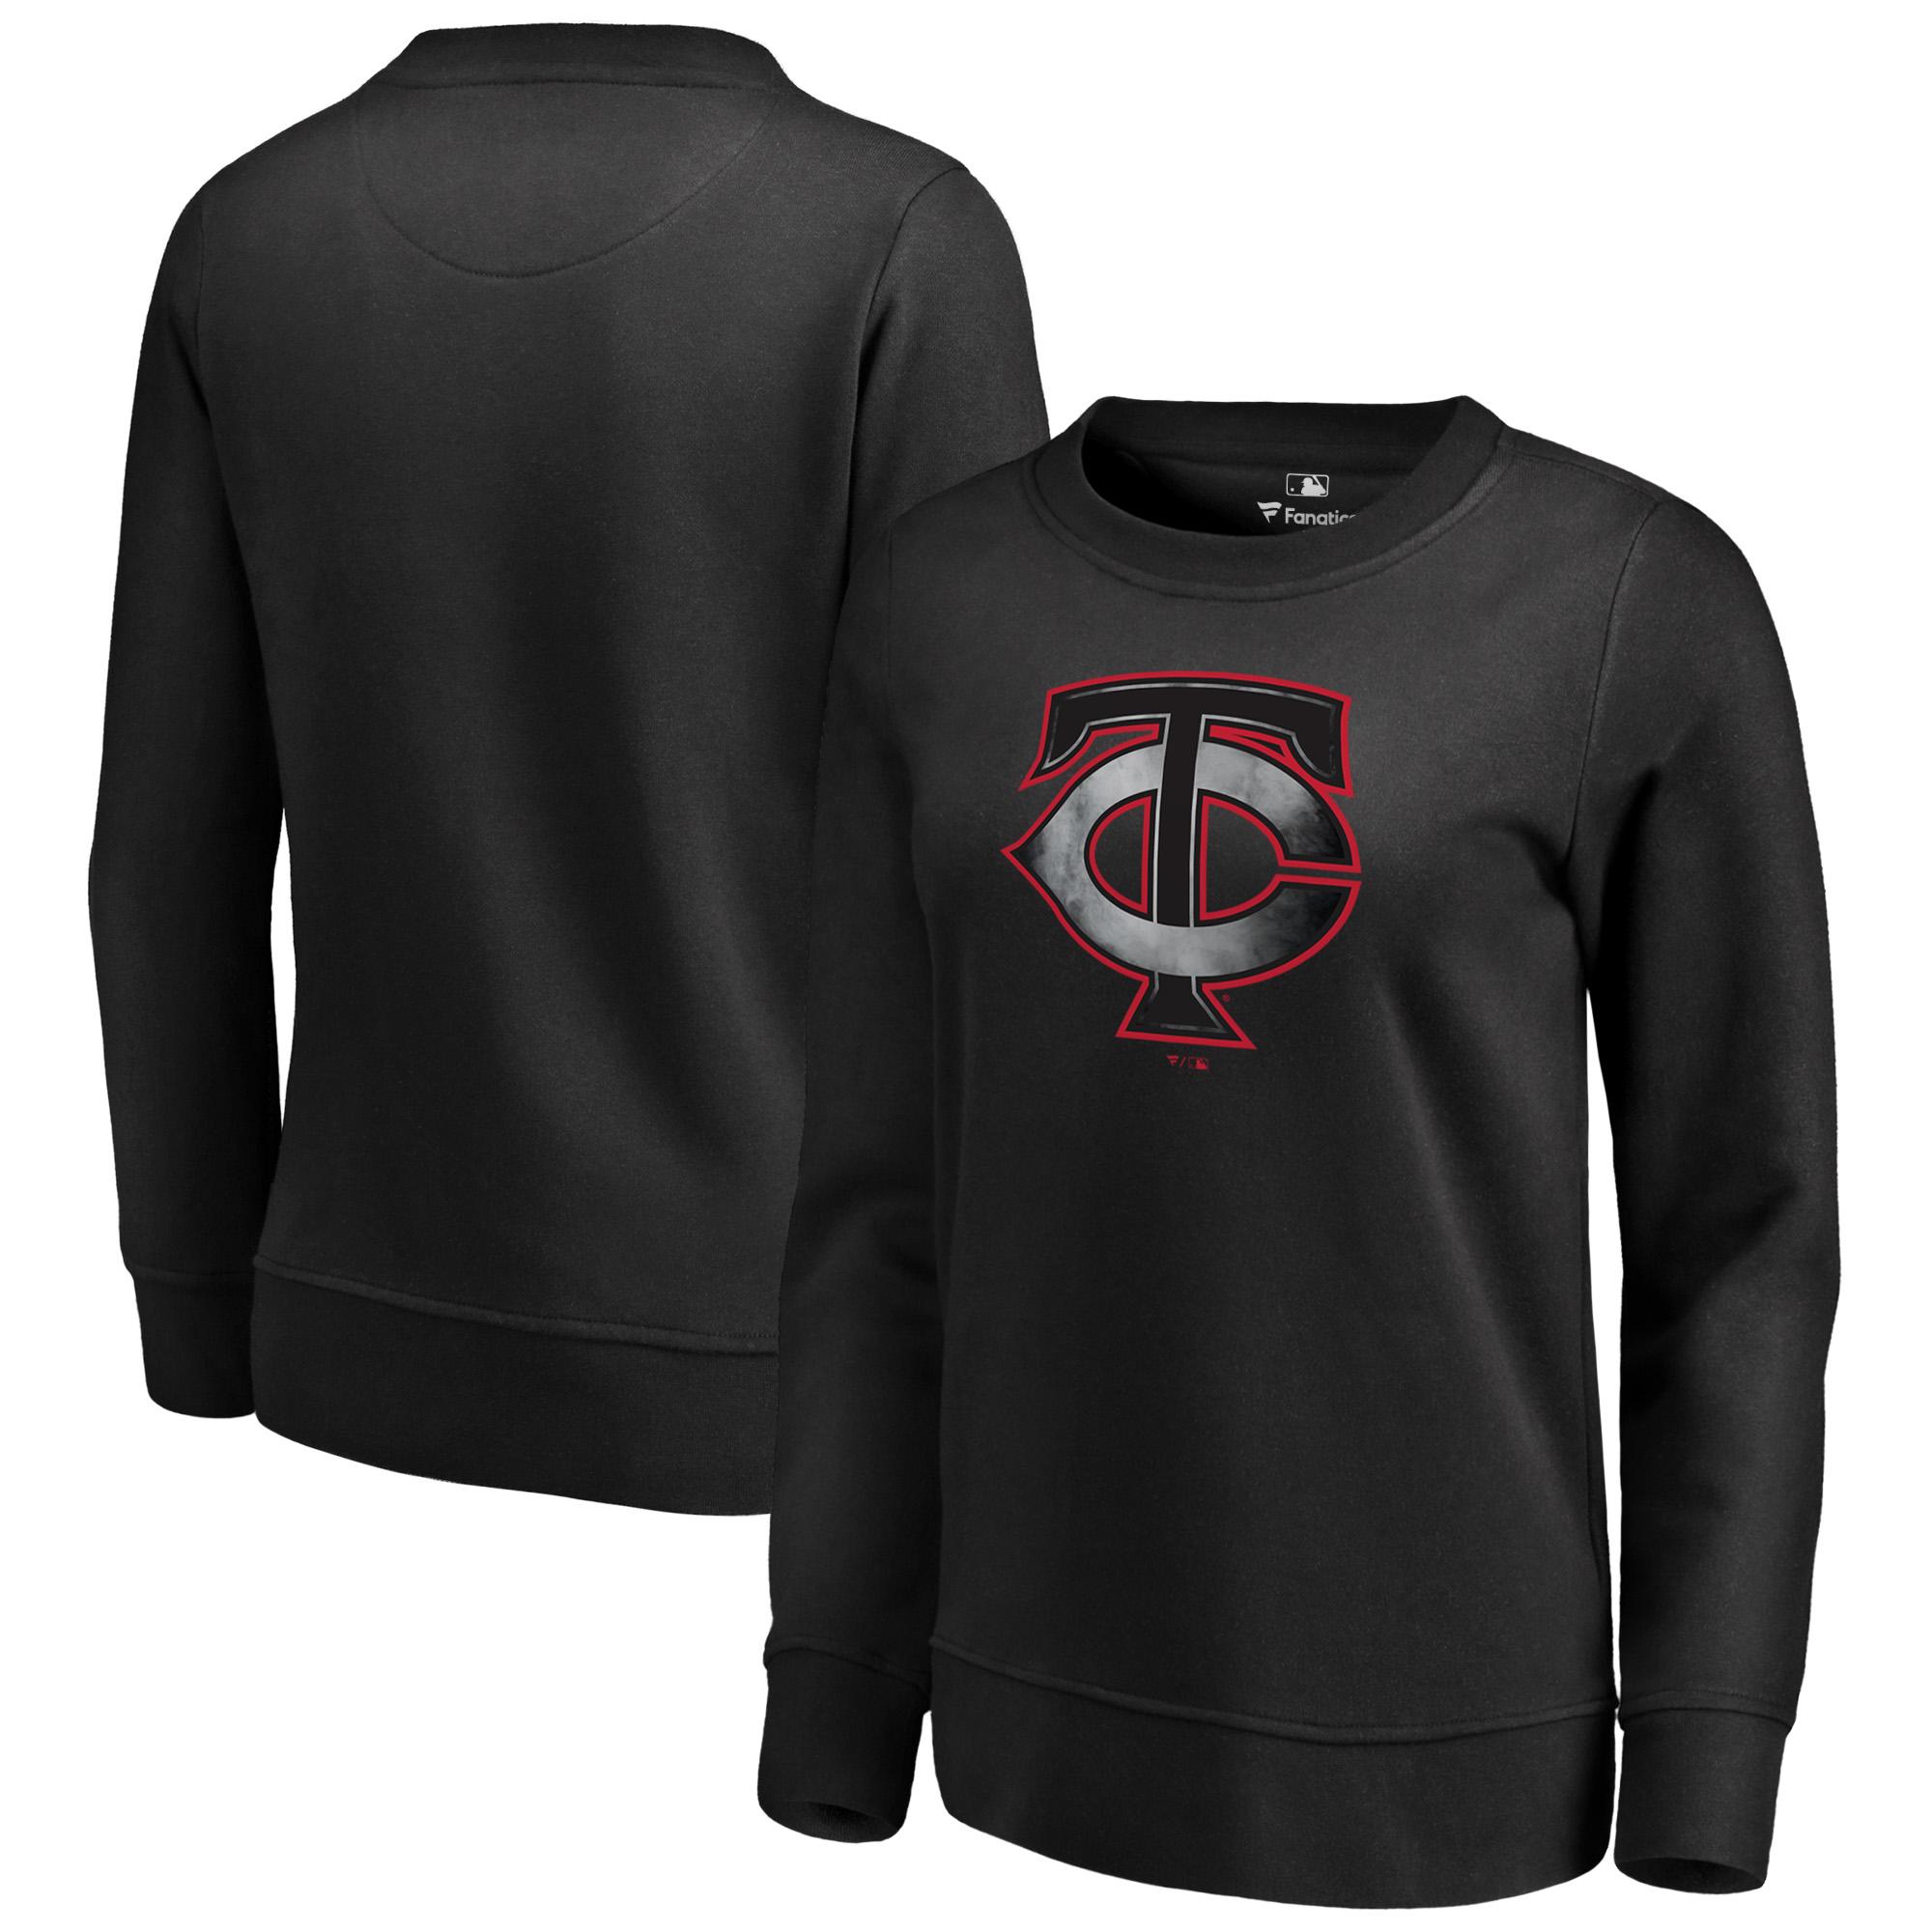 Minnesota Twins Fanatics Branded Women's Core Smoke Fleece Sweatshirt - Black